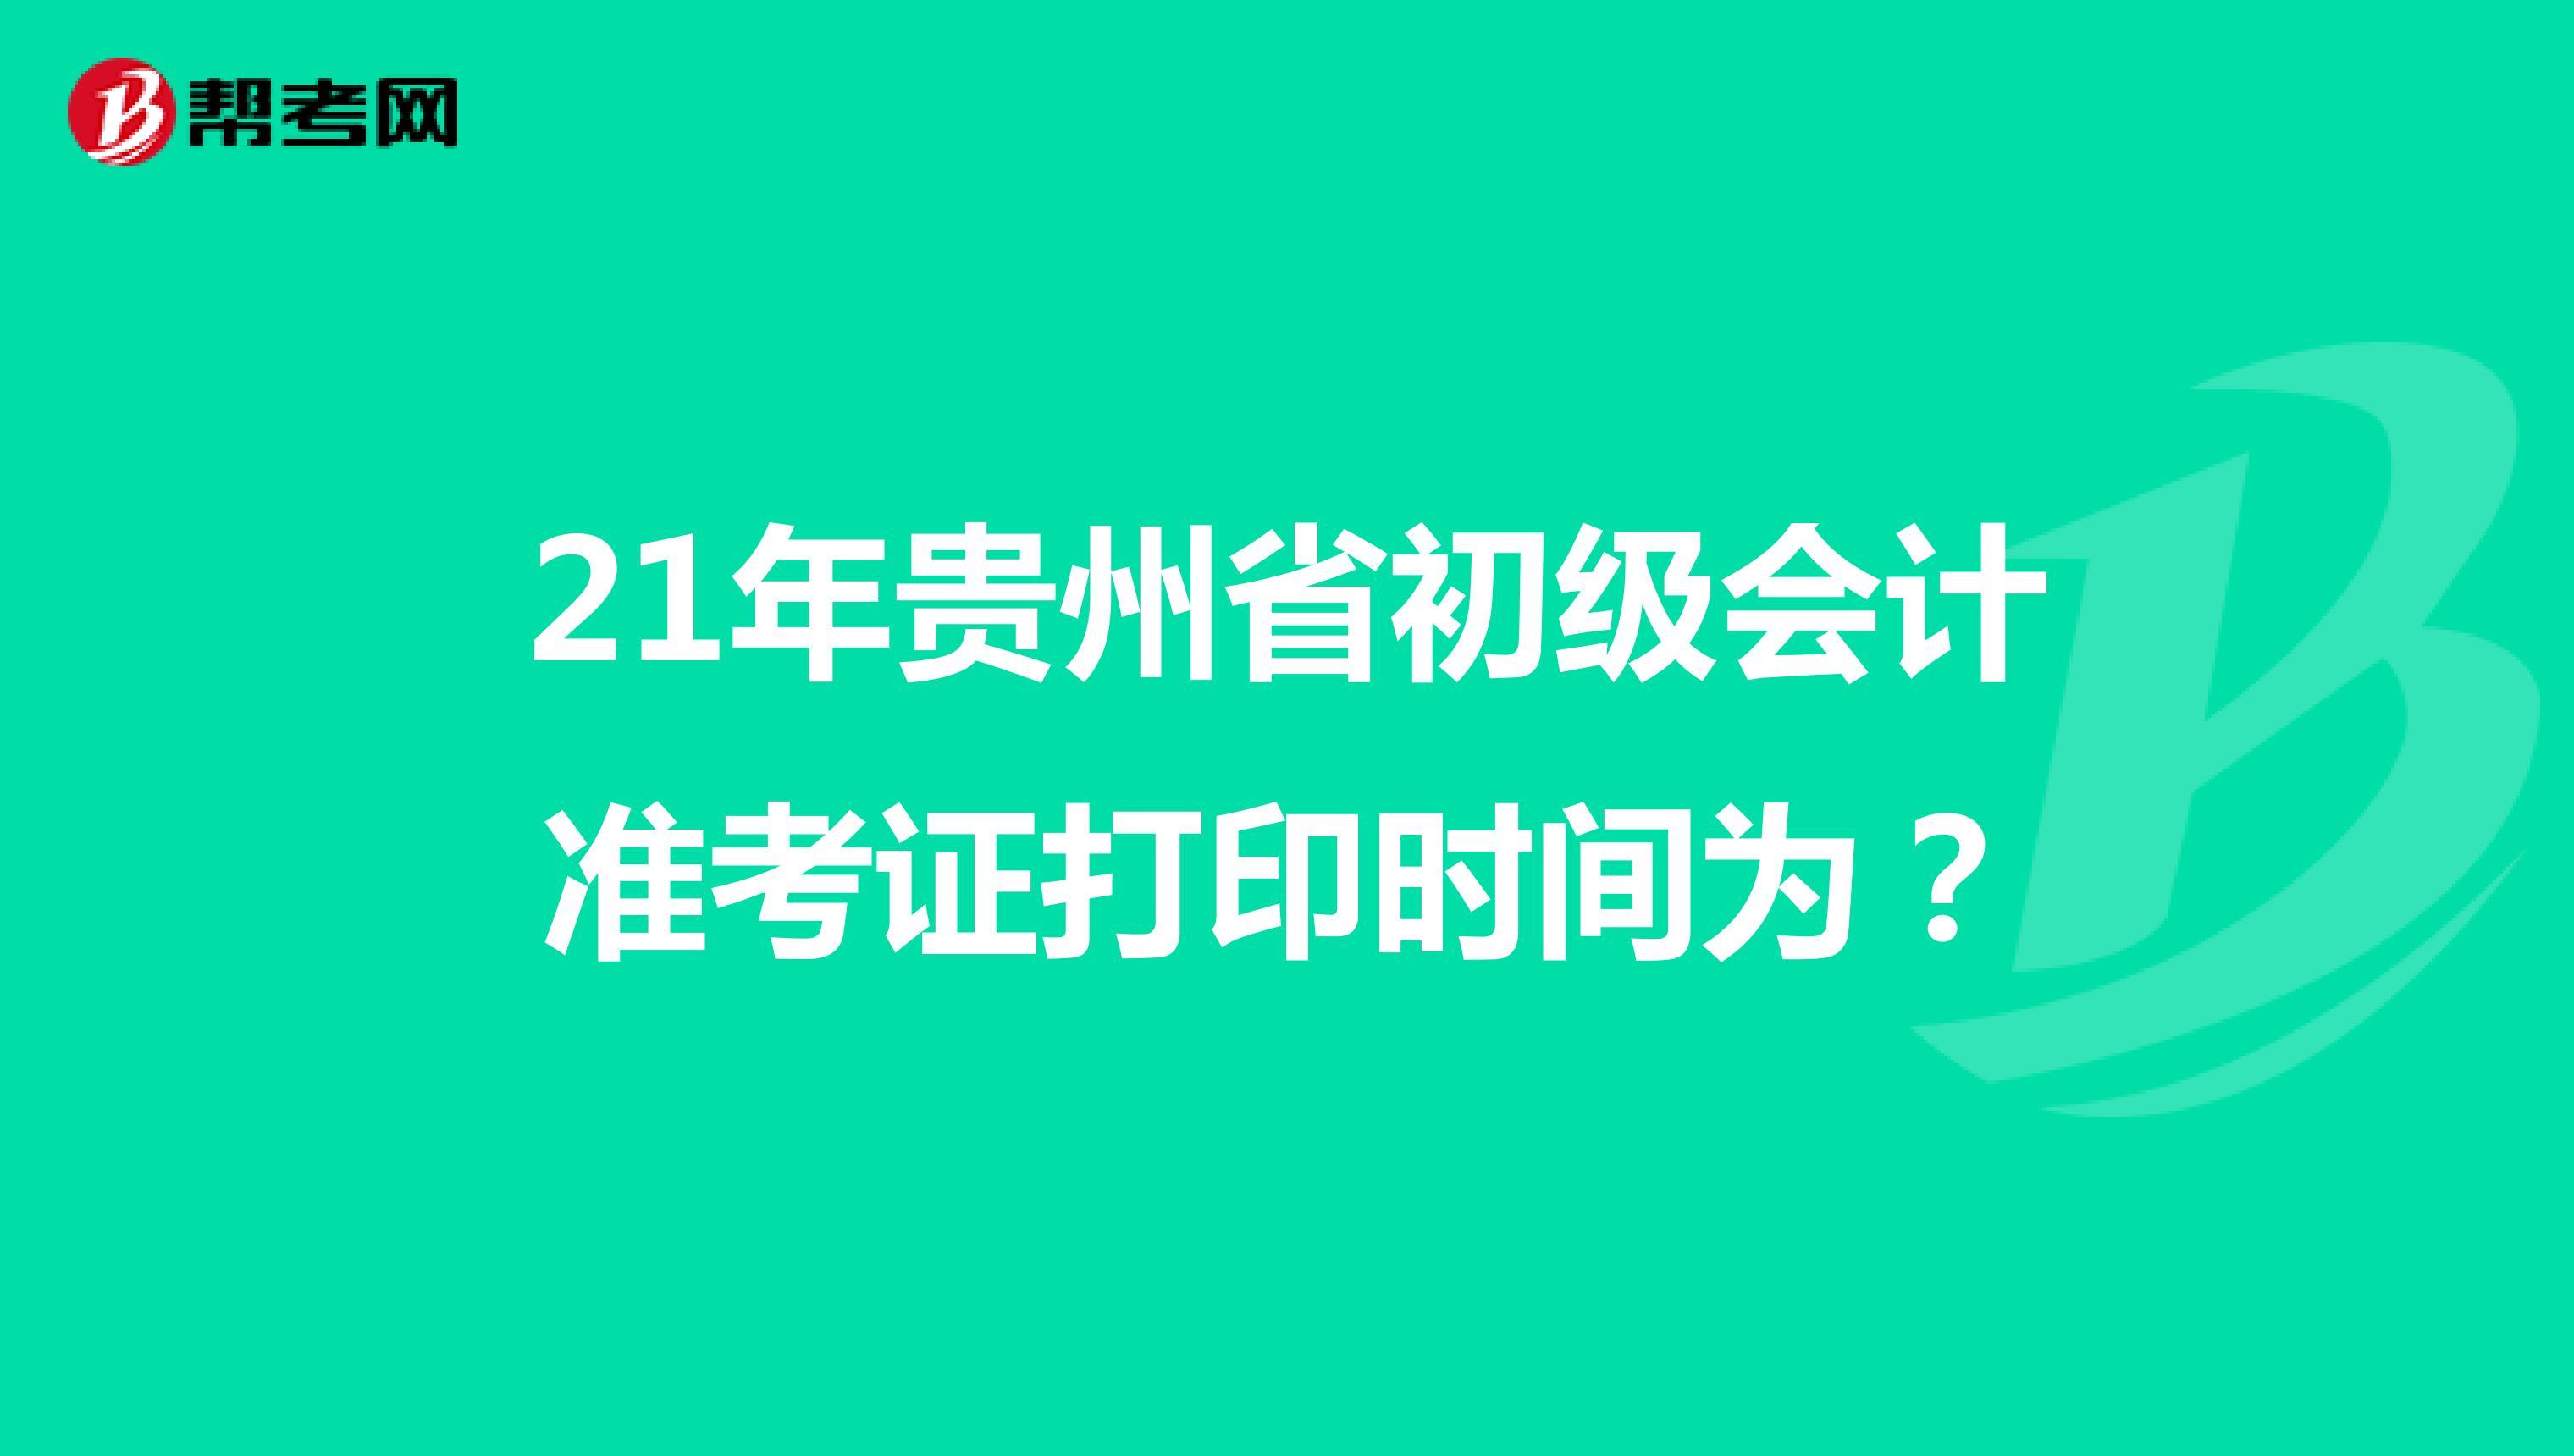 贵州省准考证考试资讯